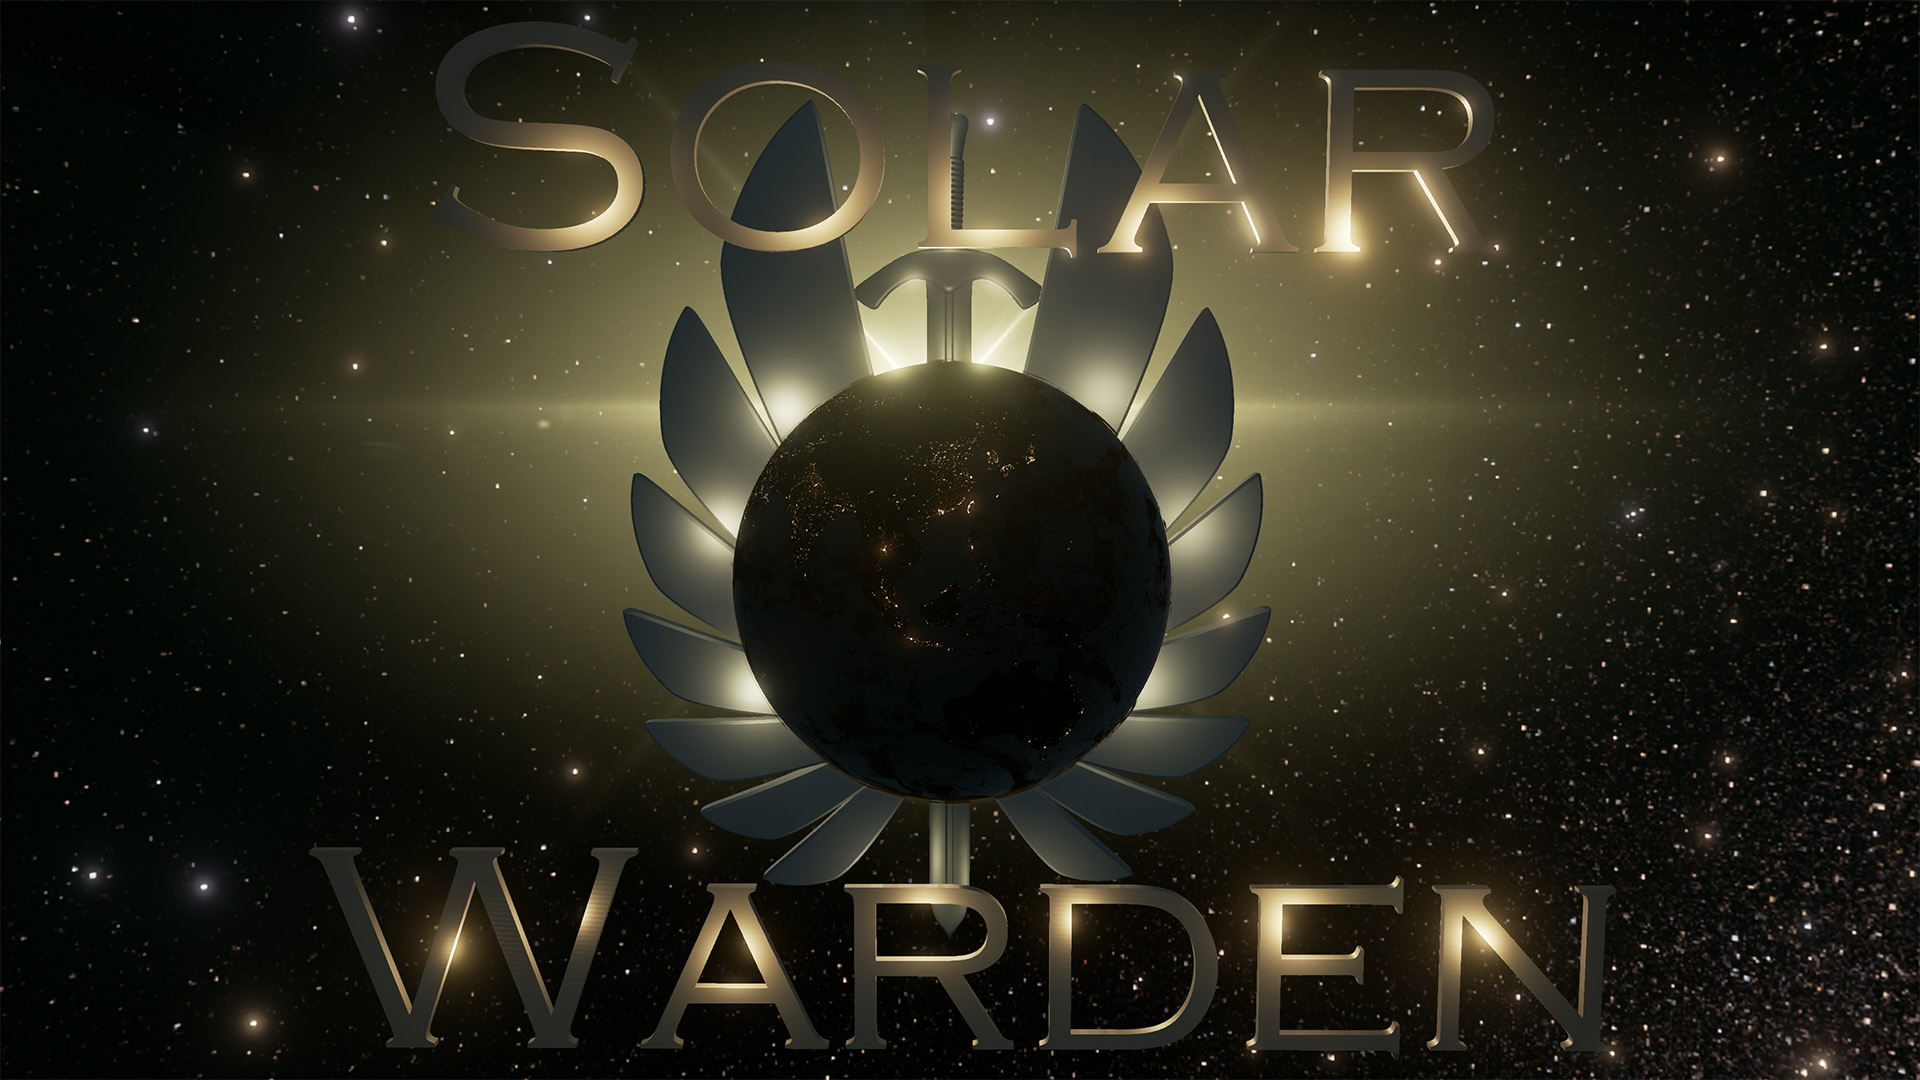 Website Launch News Solar Warden Indie Db